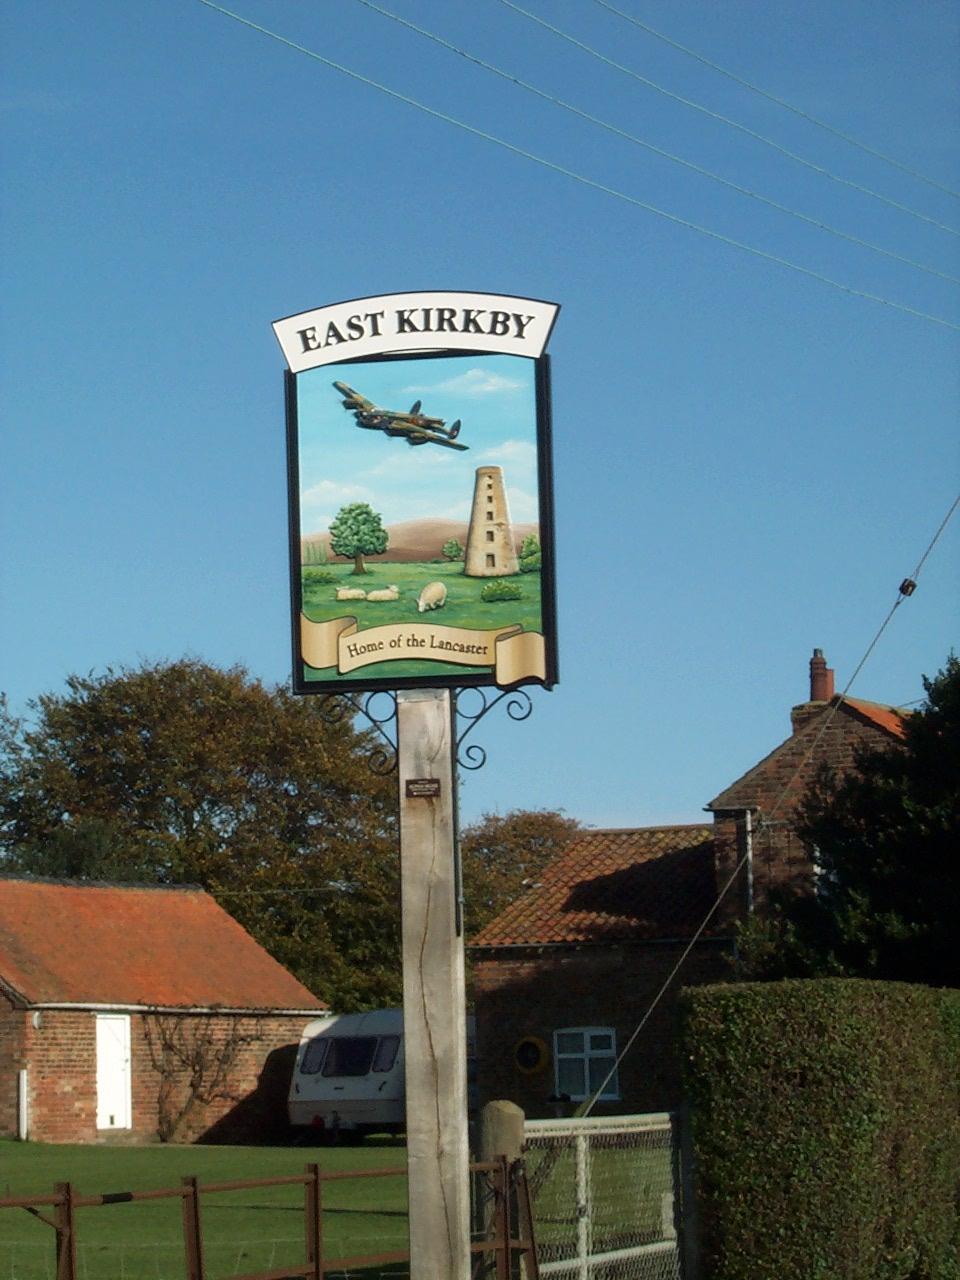 East Kirkby village sign